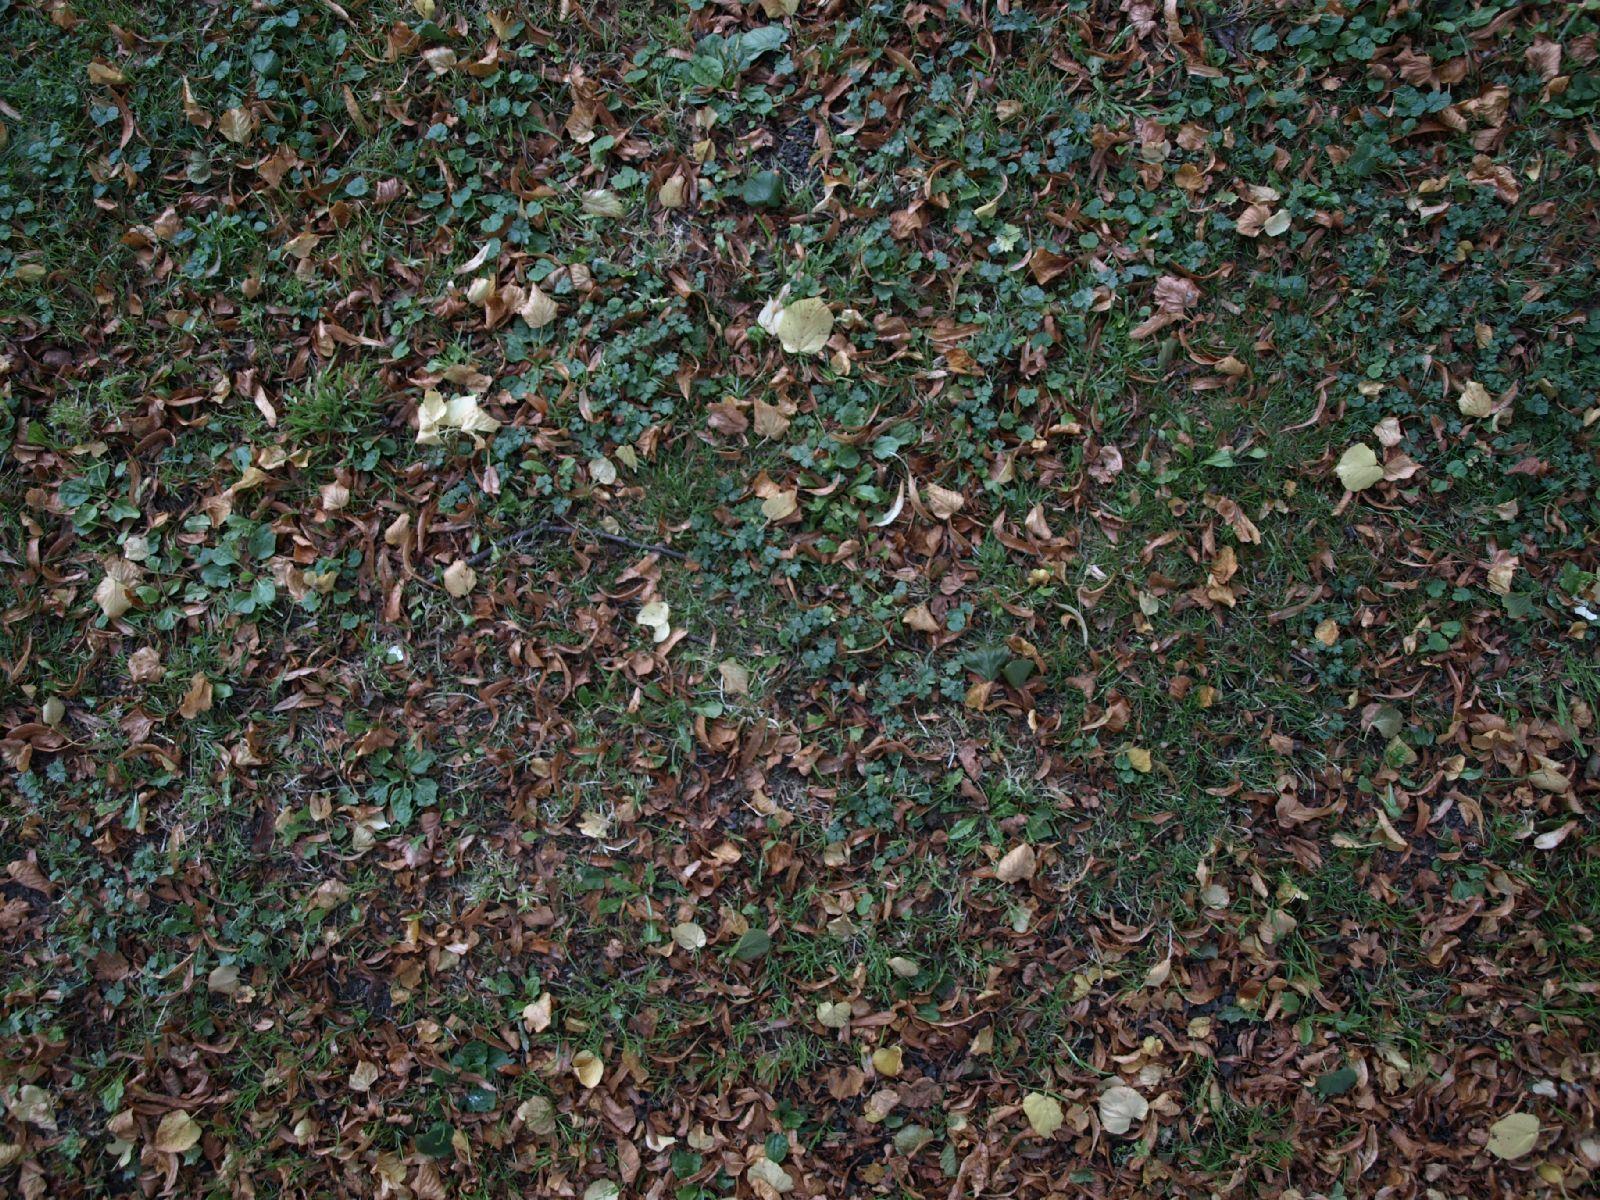 Boden-Gras-Moos-Blumen_Textur_A_P9074781